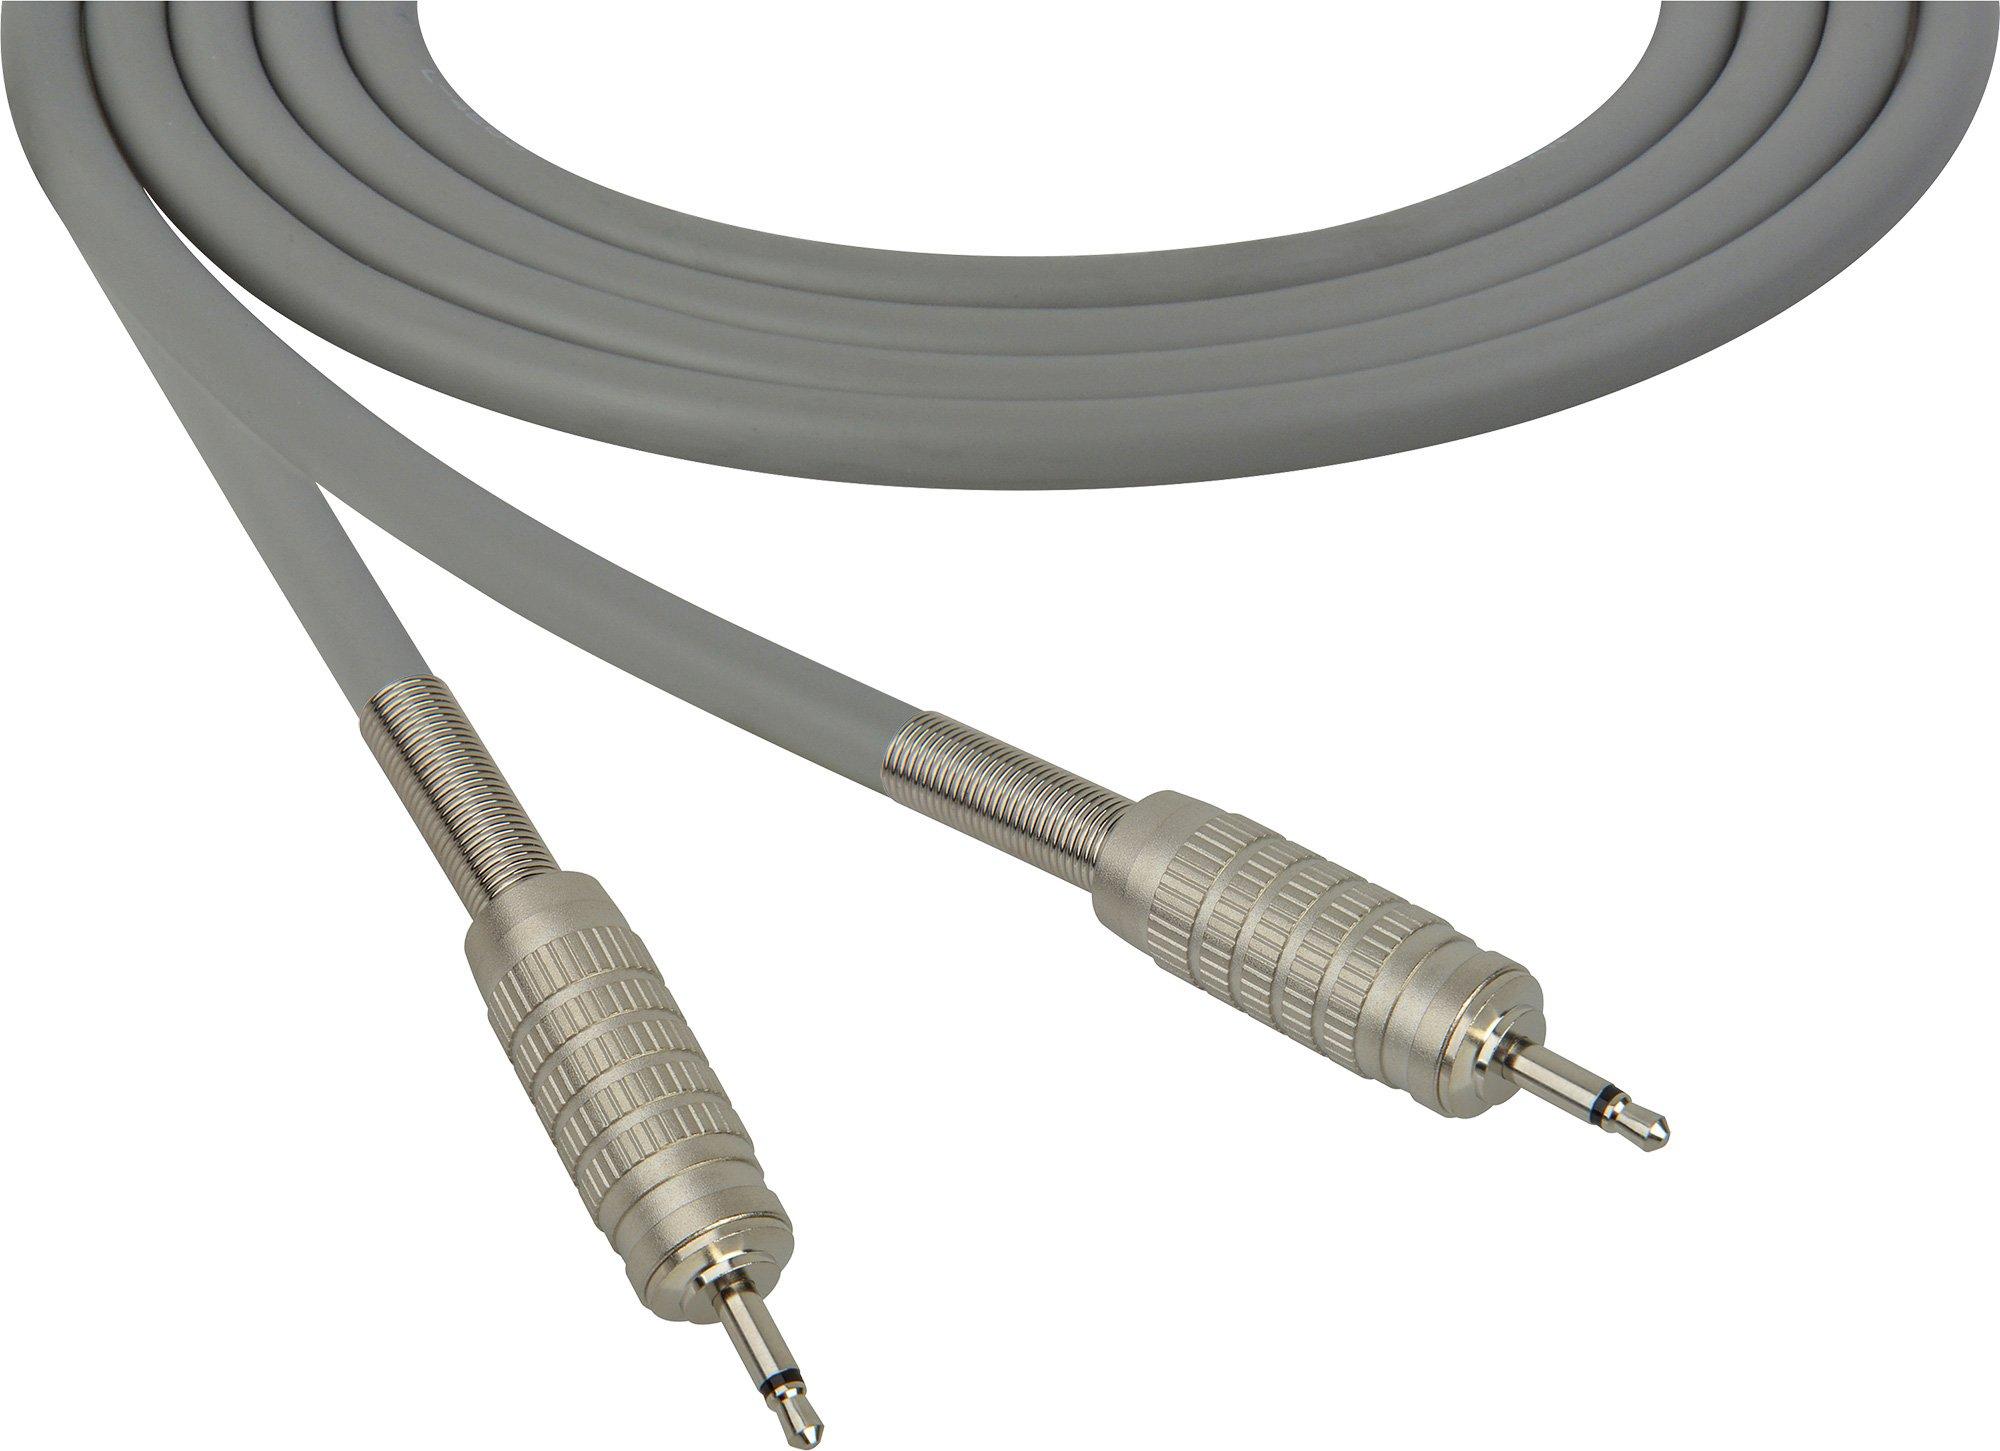 Mini to Mini Cables